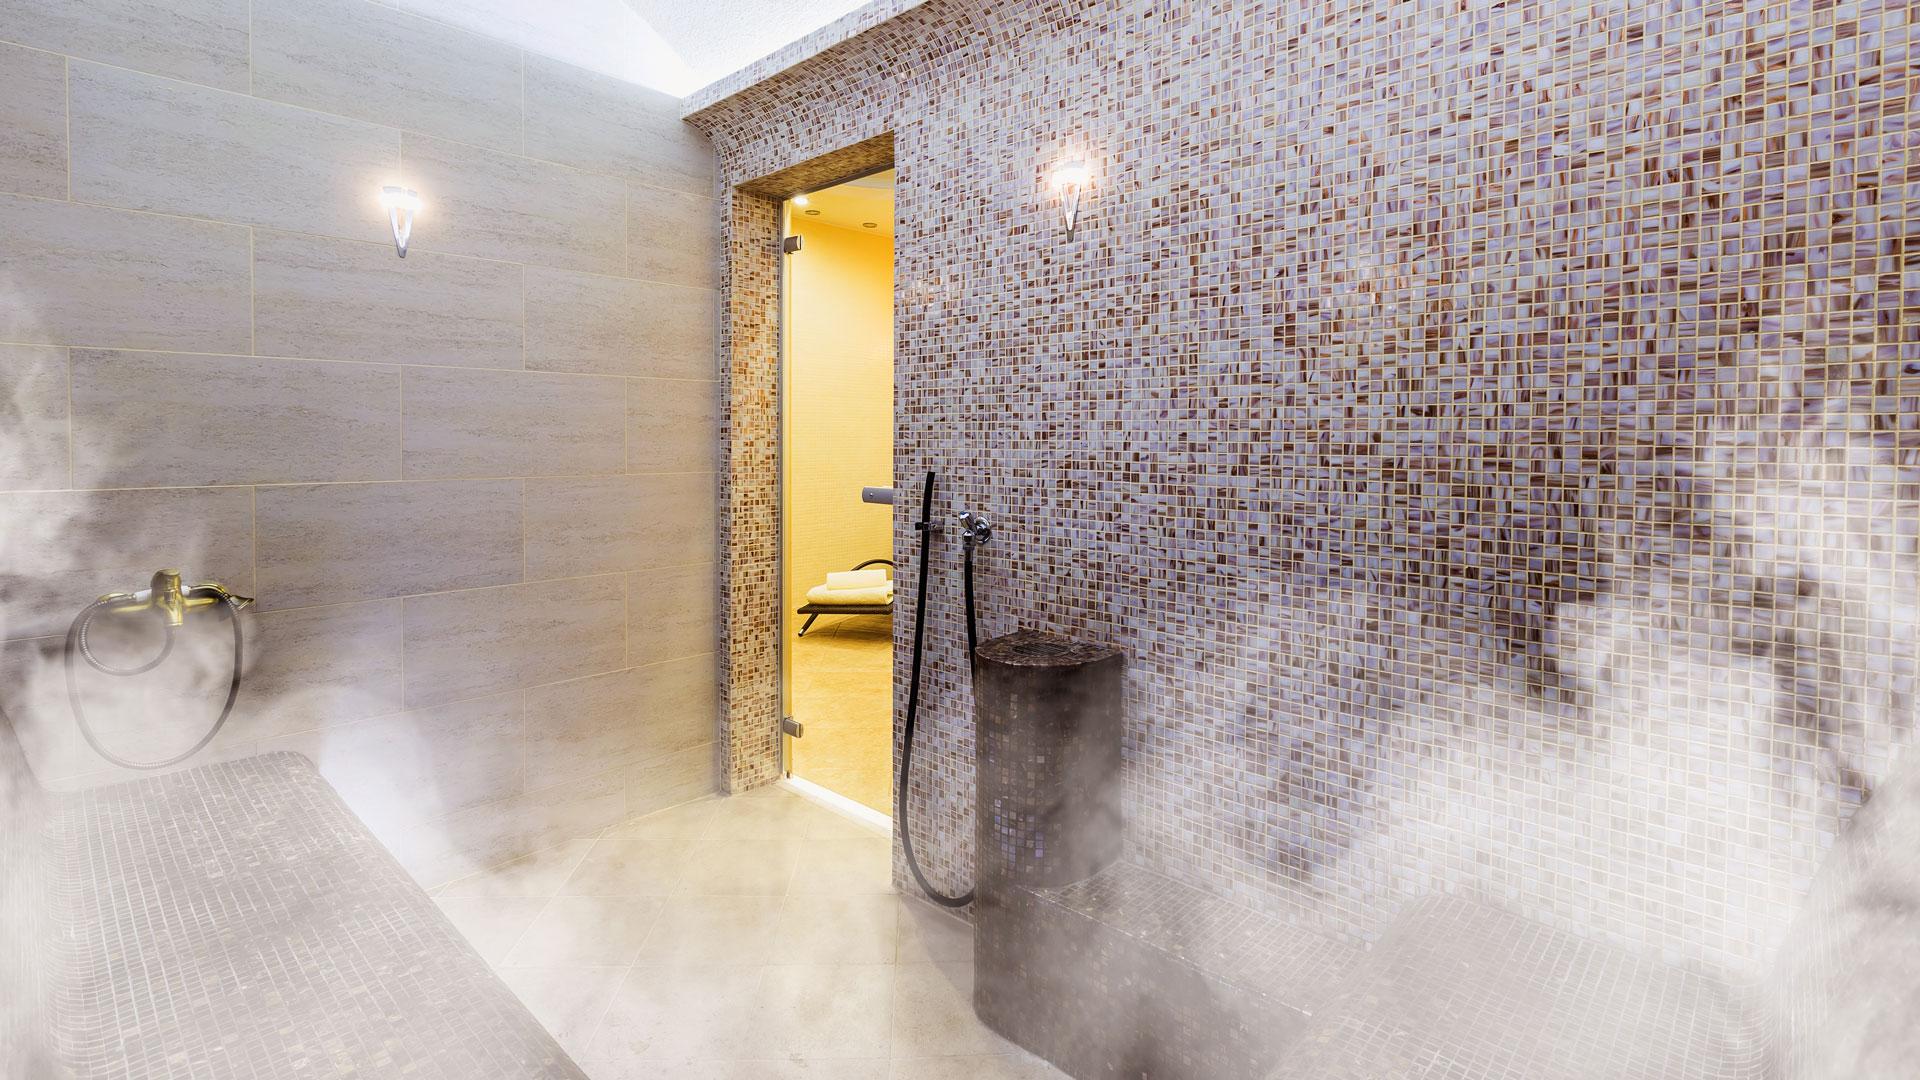 Dampfbäder pflegen mittels niedriger Temperatur und hoher Luftfeuchtigkeit.